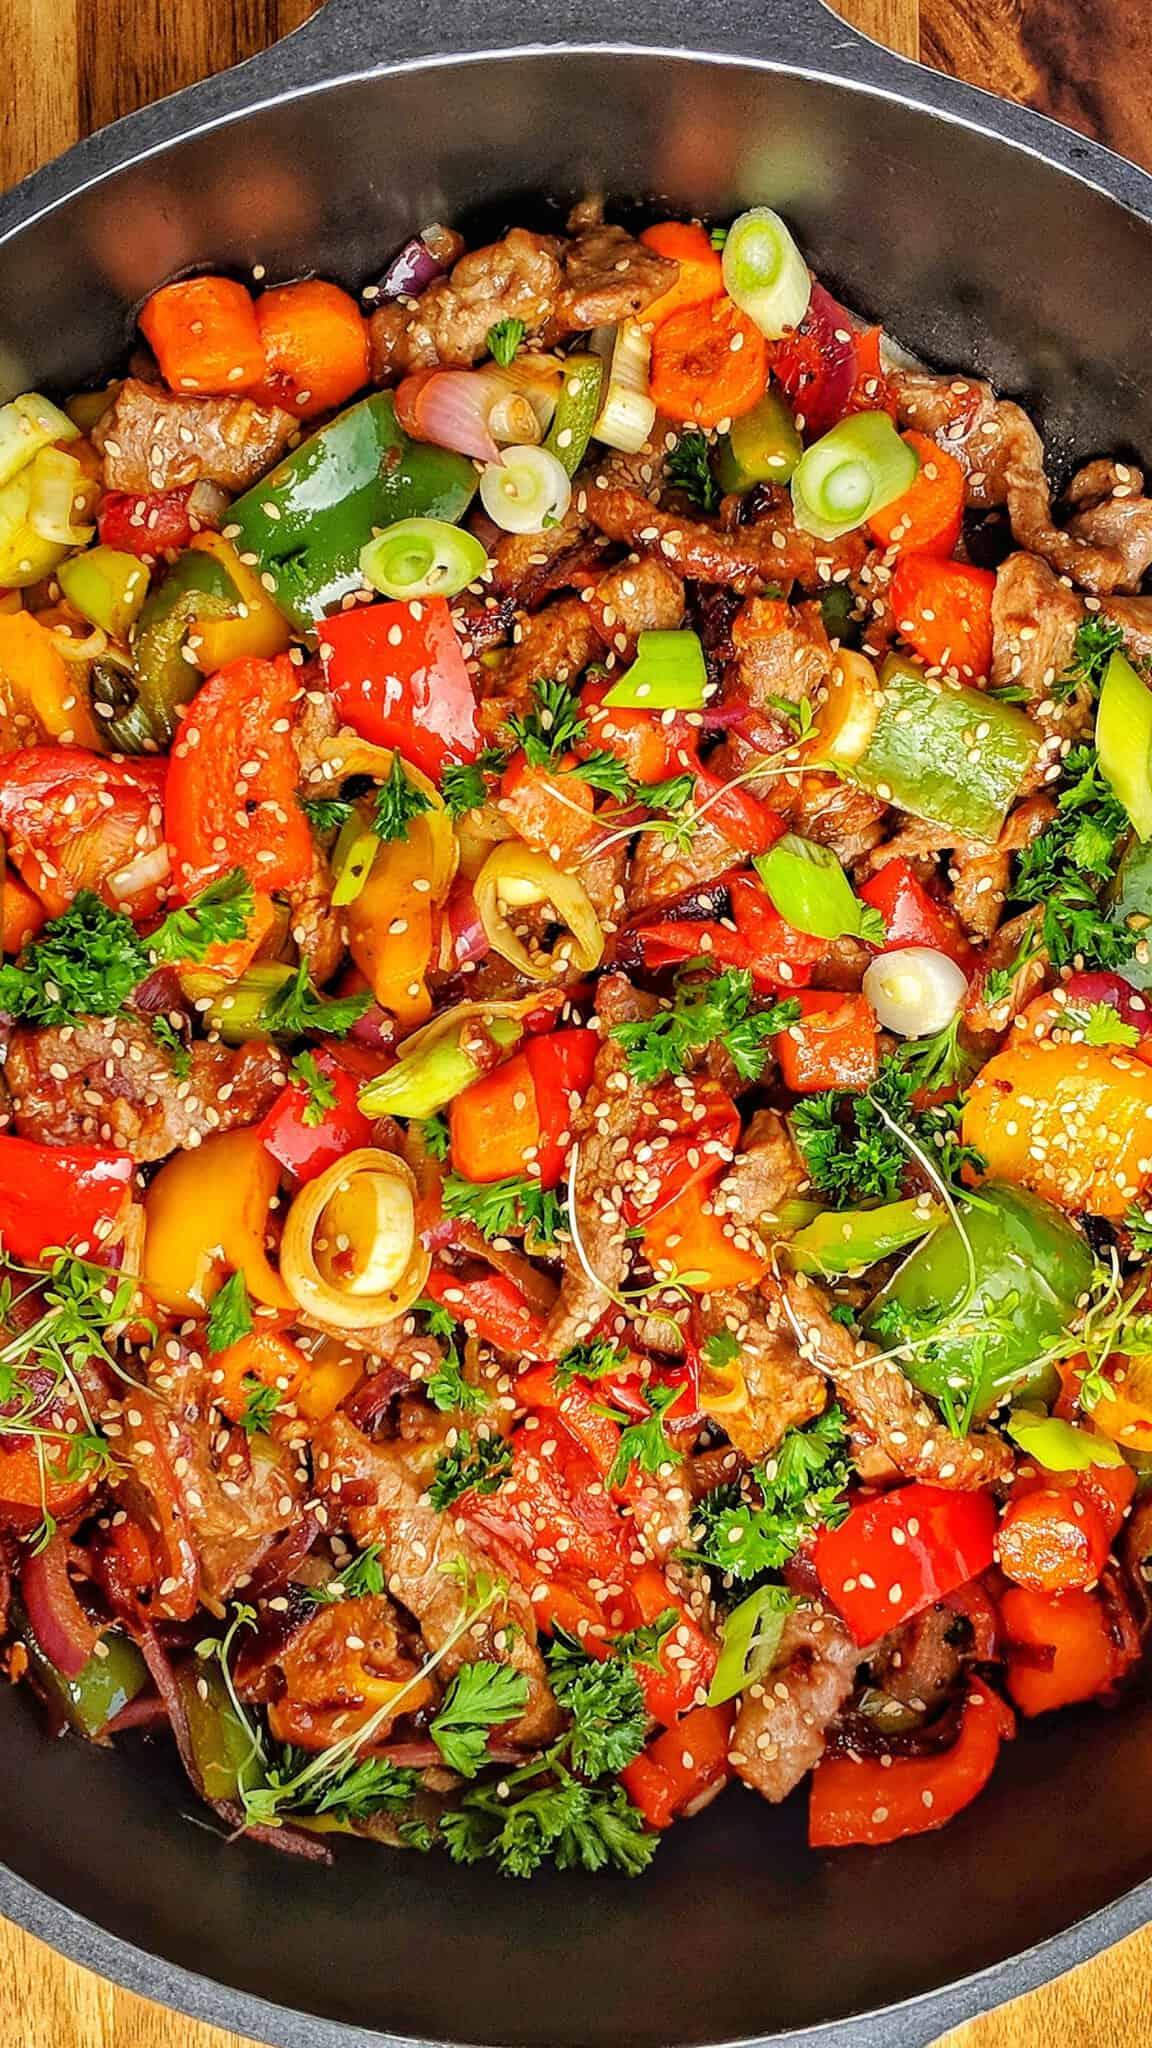 Nahaufnahme einer Pfanne mit Rindergesschnetzeltem und buntem Gemüse.